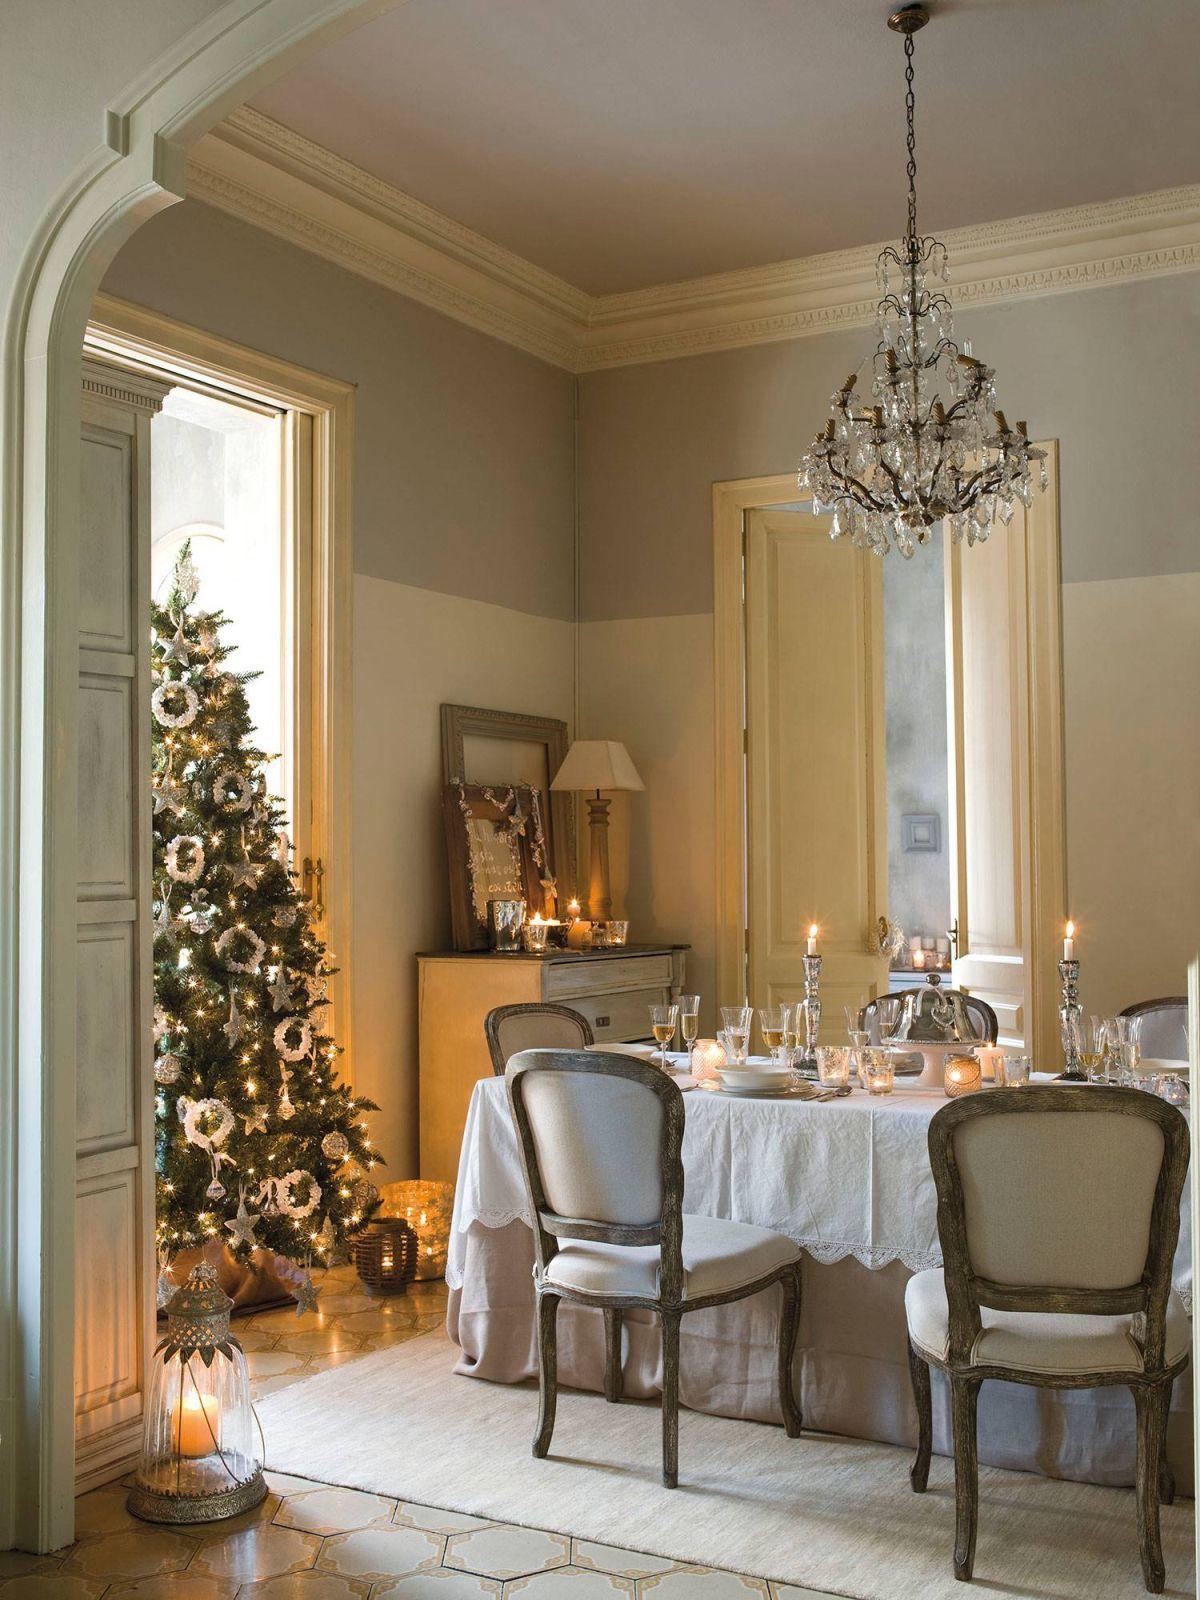 Az ezüst a bronz és a fehér a dekoráció meghatározó színei